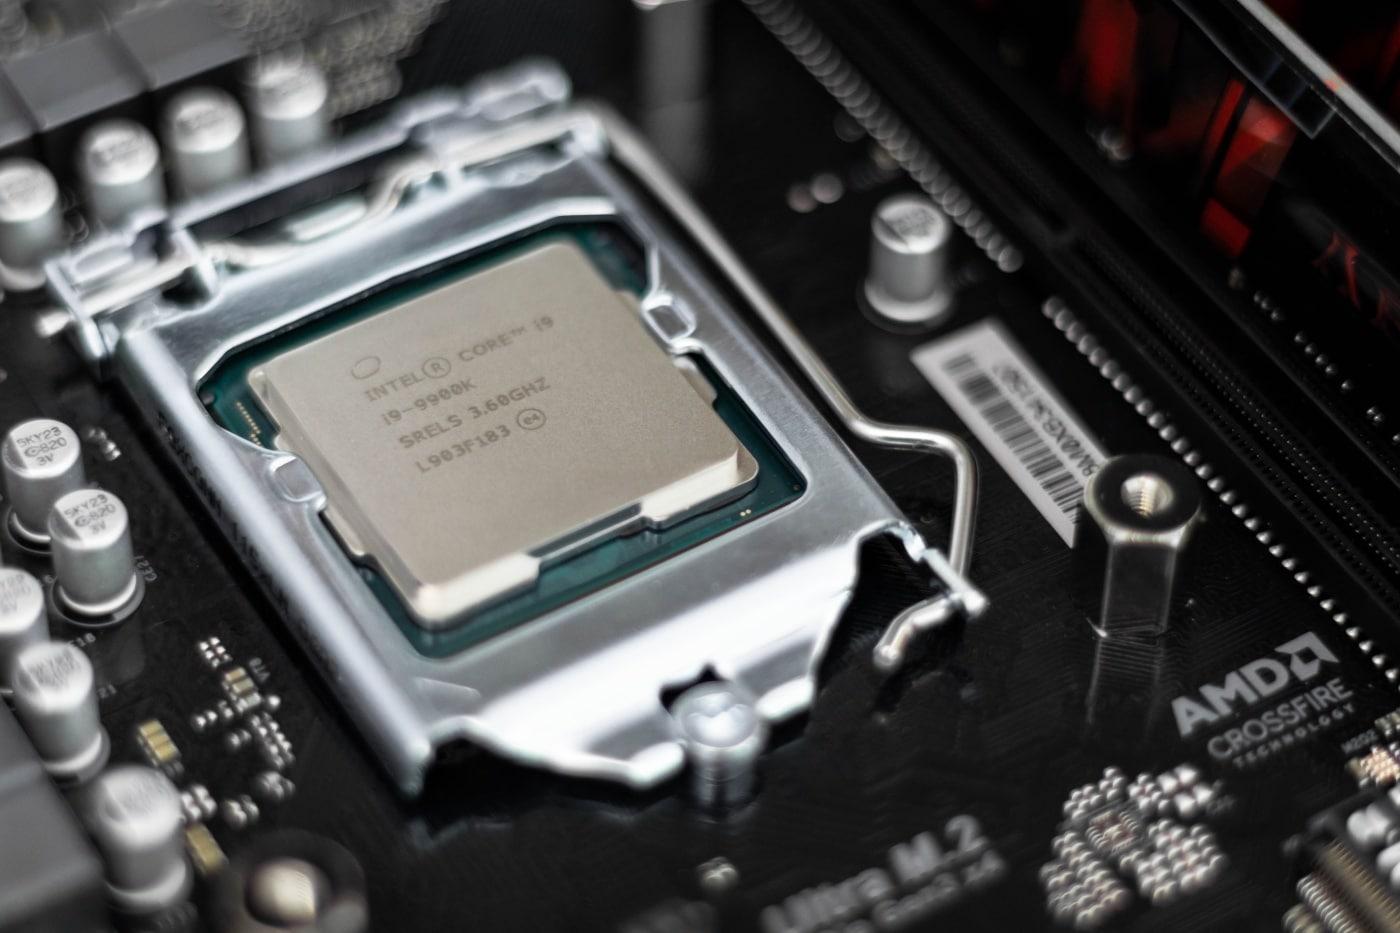 Les puces d'Intel seront supprimés pour mettre en place les Microsoft ARM